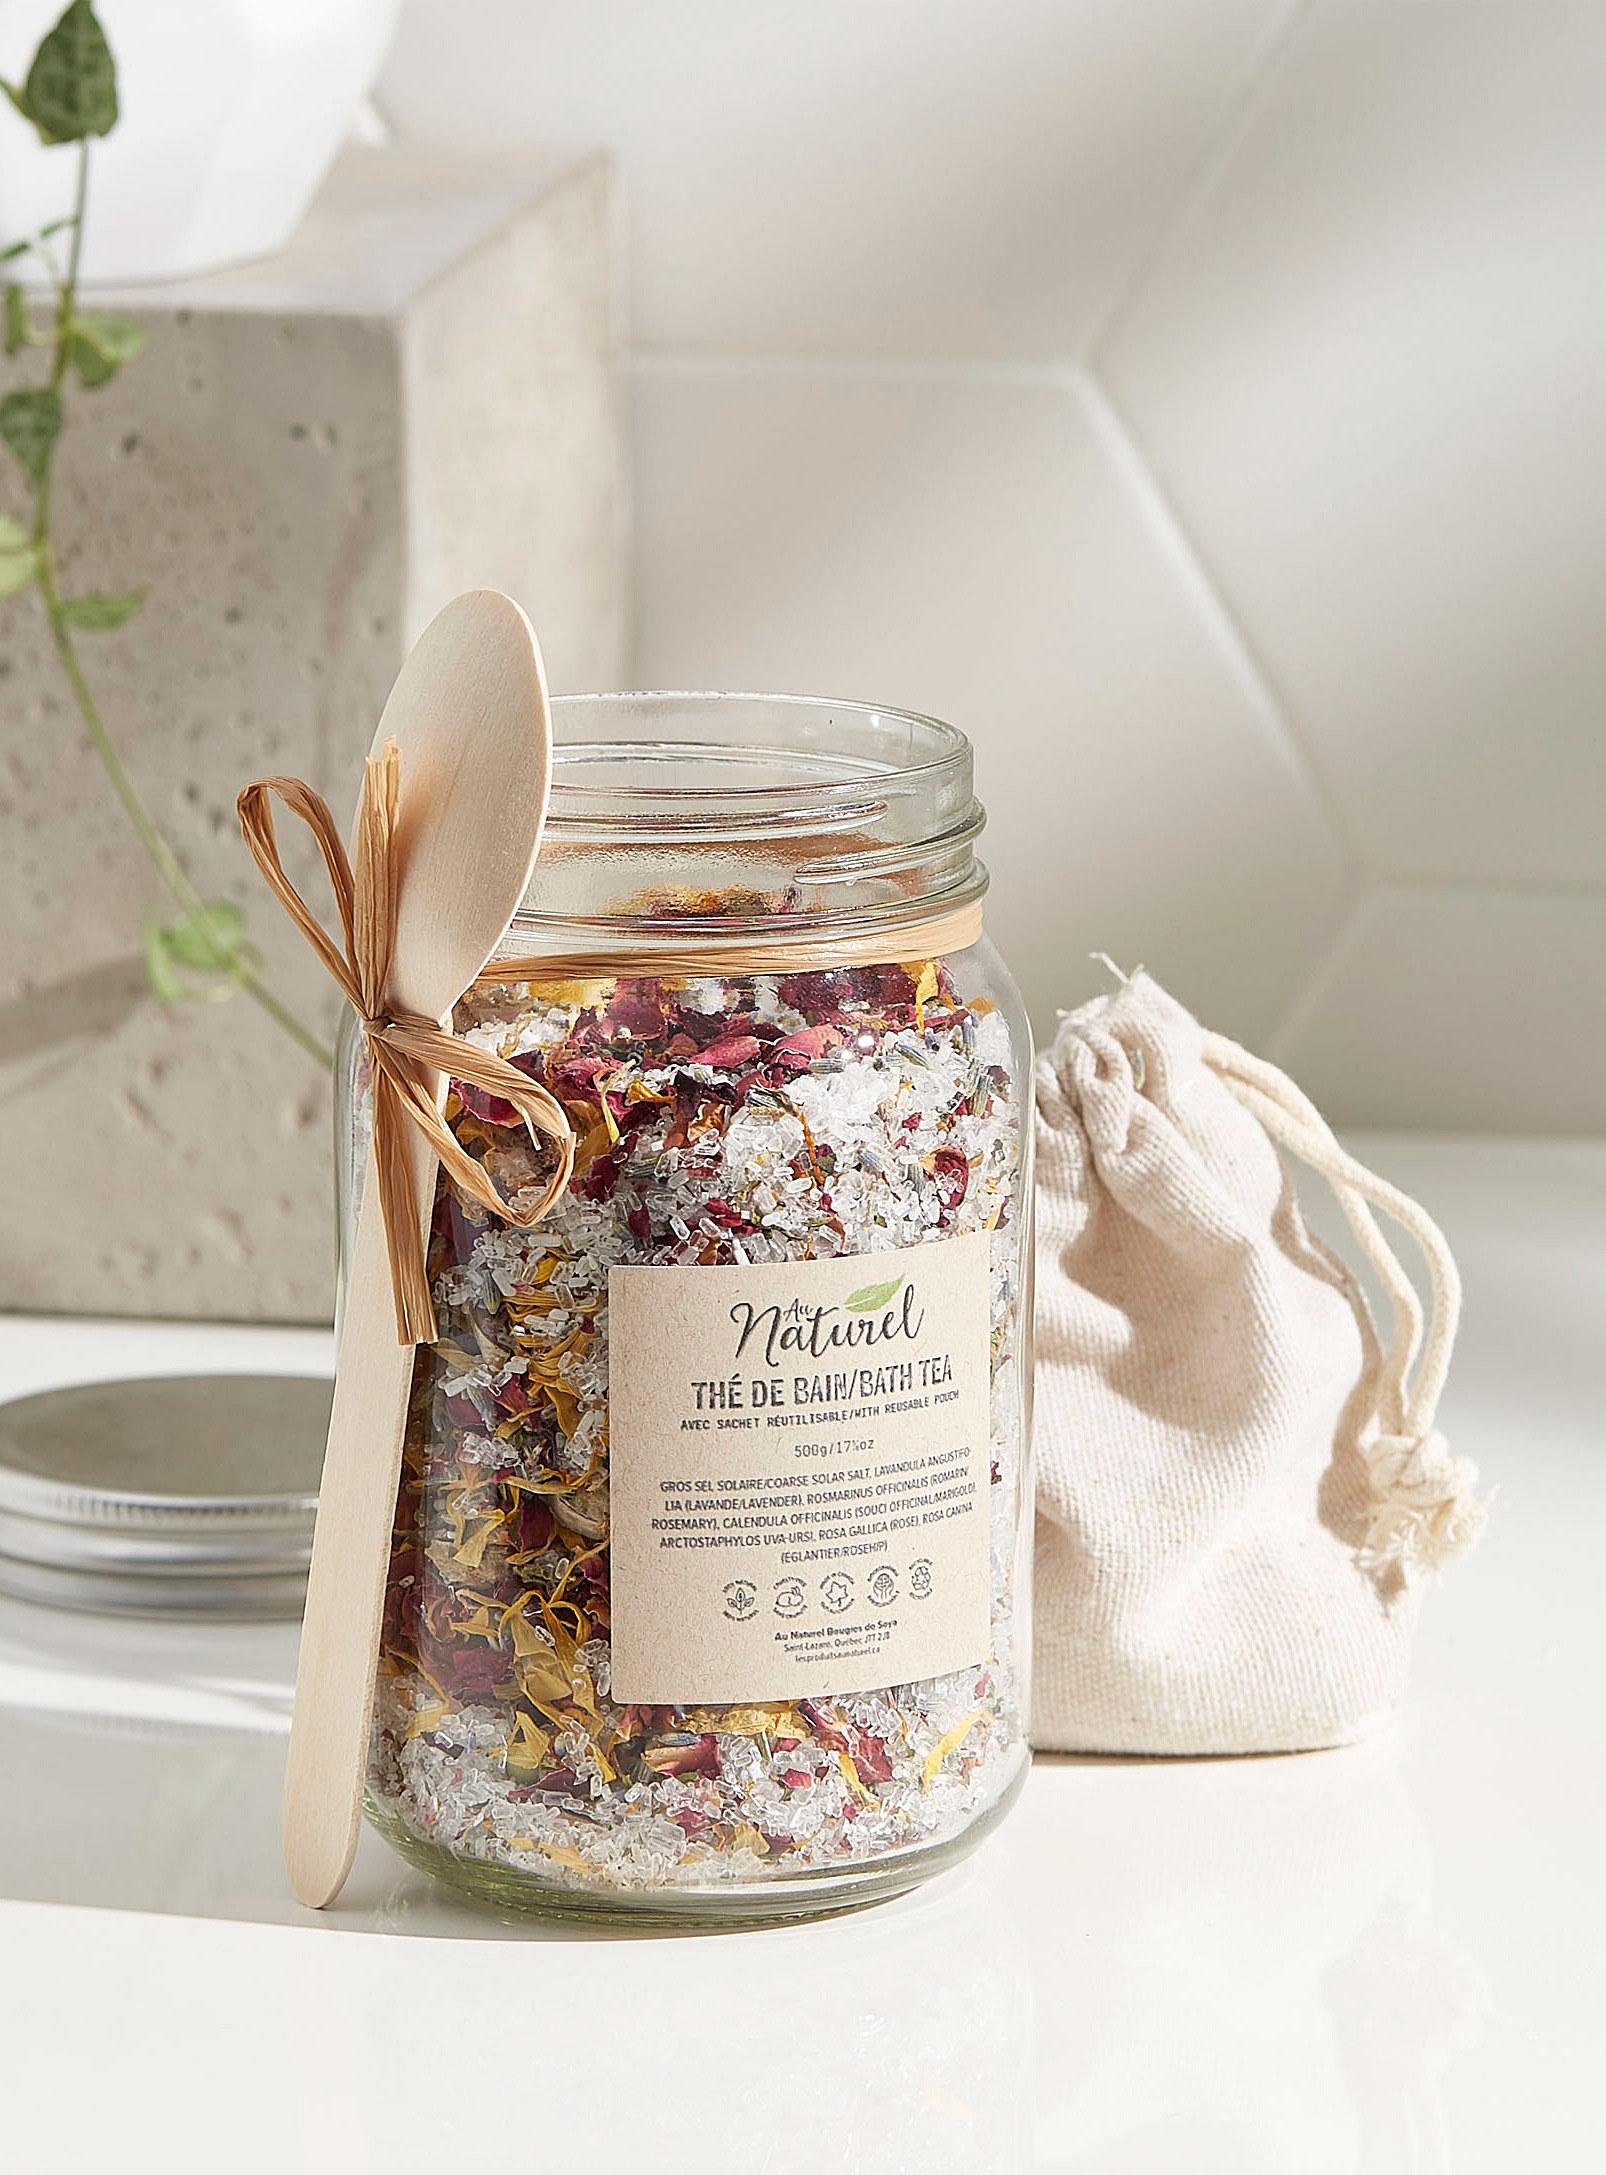 A mason jar filled with a bath soak with a spoon